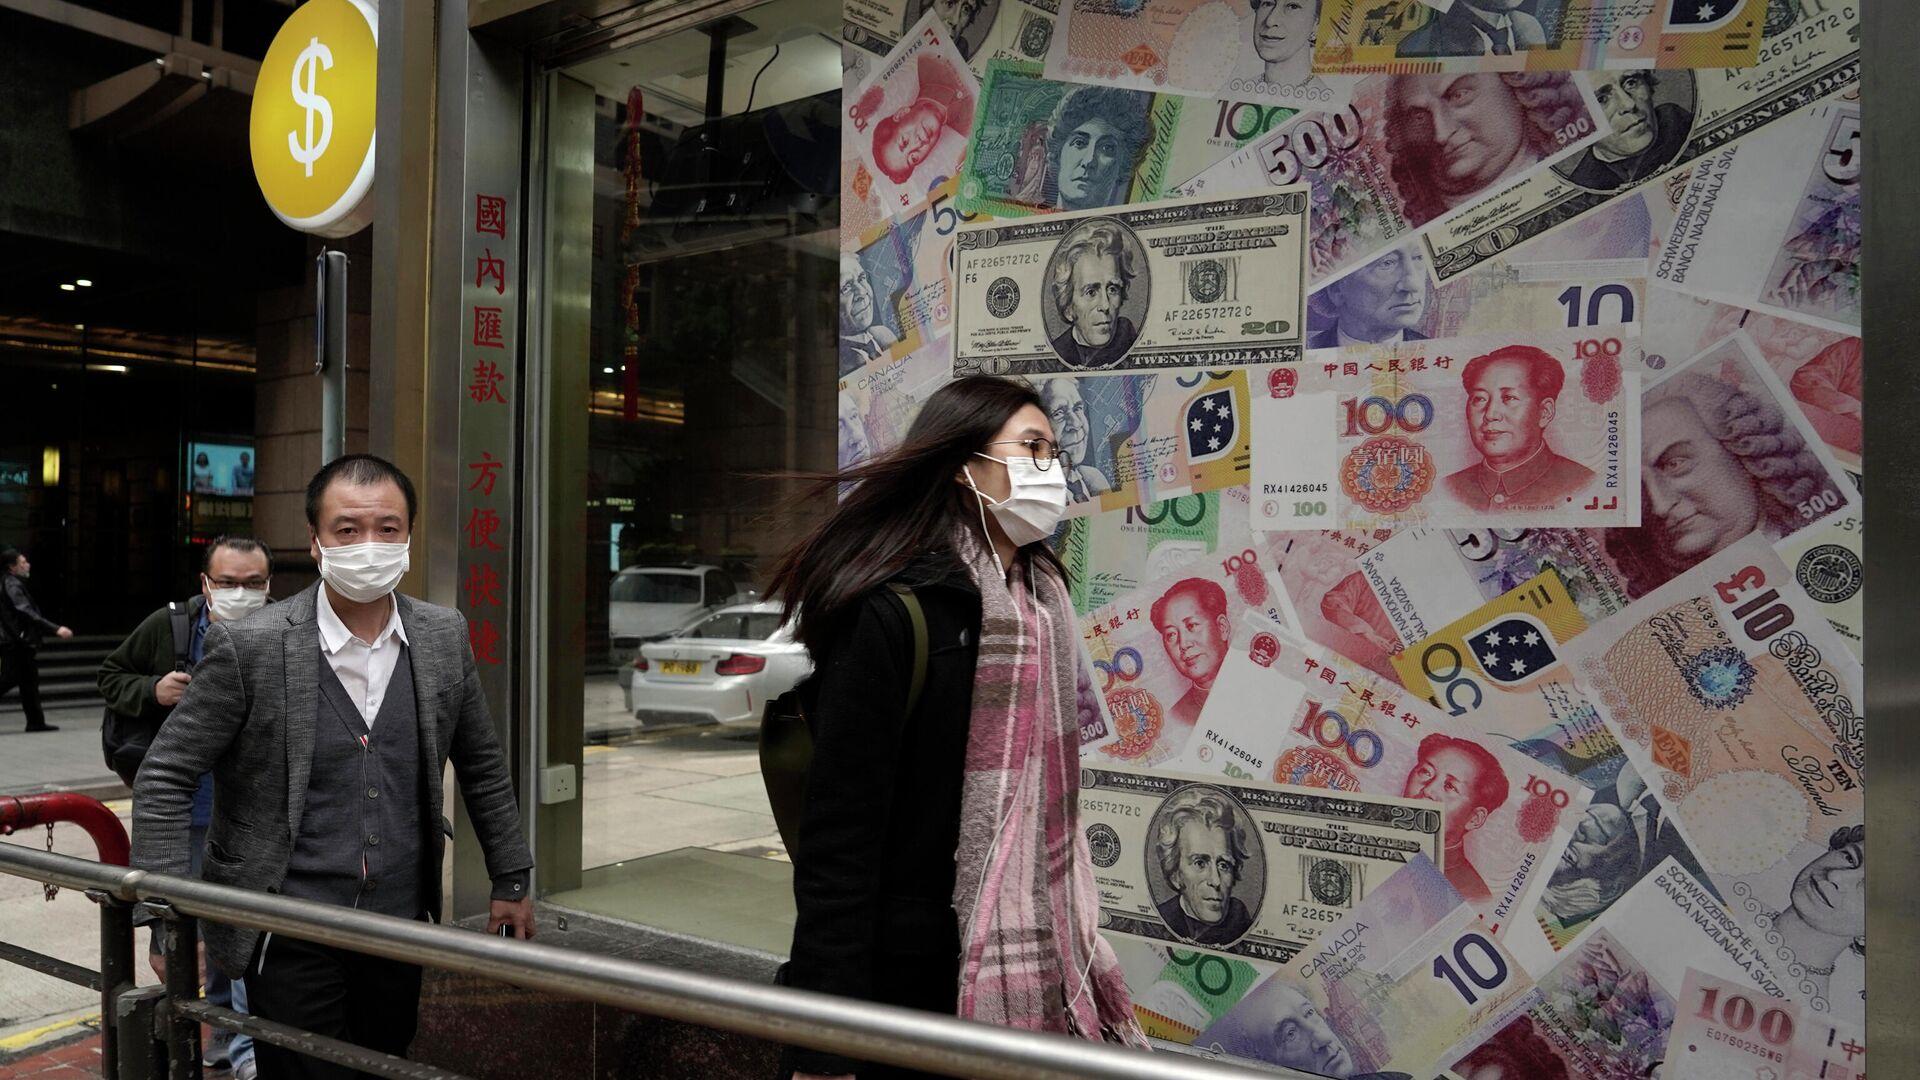 Люди в защитных масках проходят мимо пункта обмена валют в Гонконге - РИА Новости, 1920, 19.09.2020